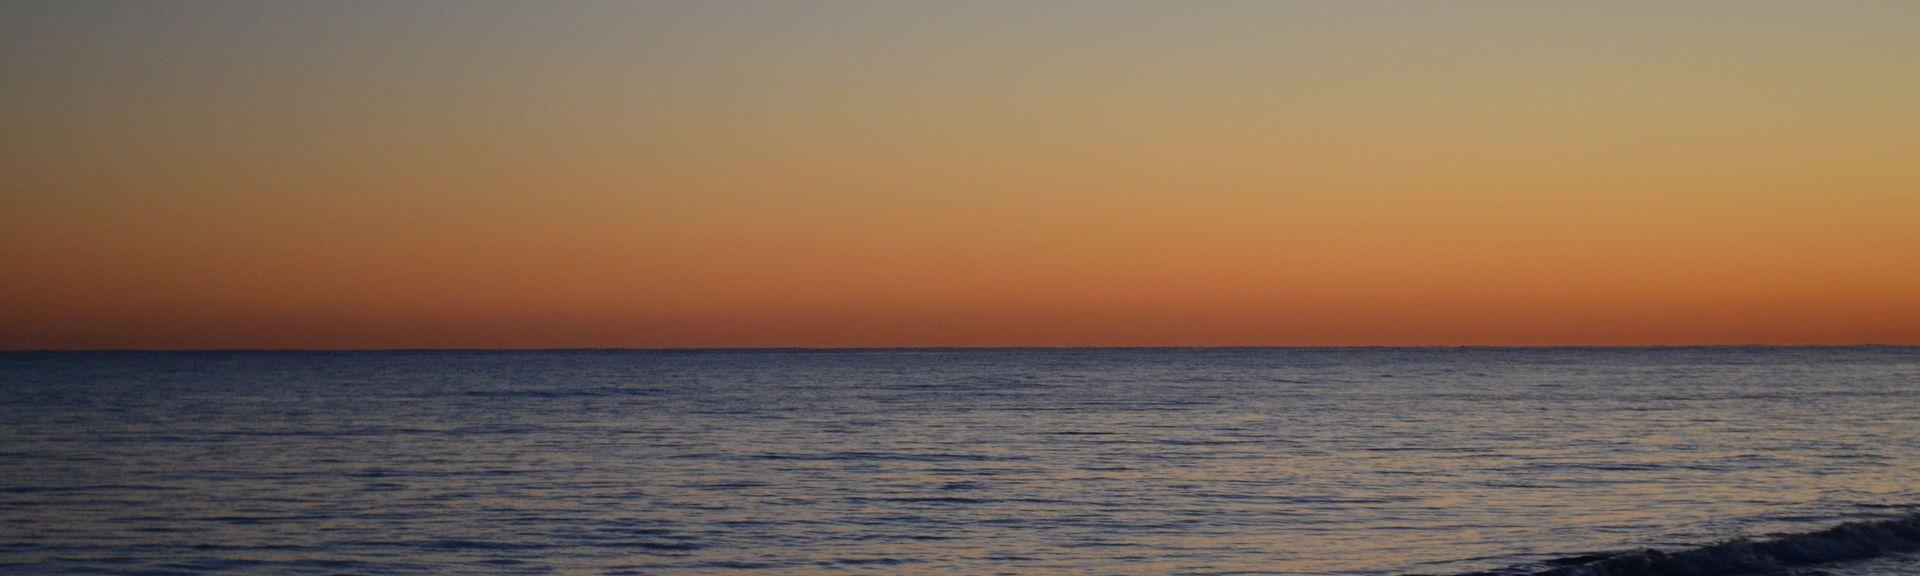 Palm Beach, Orange Beach, AL, USA